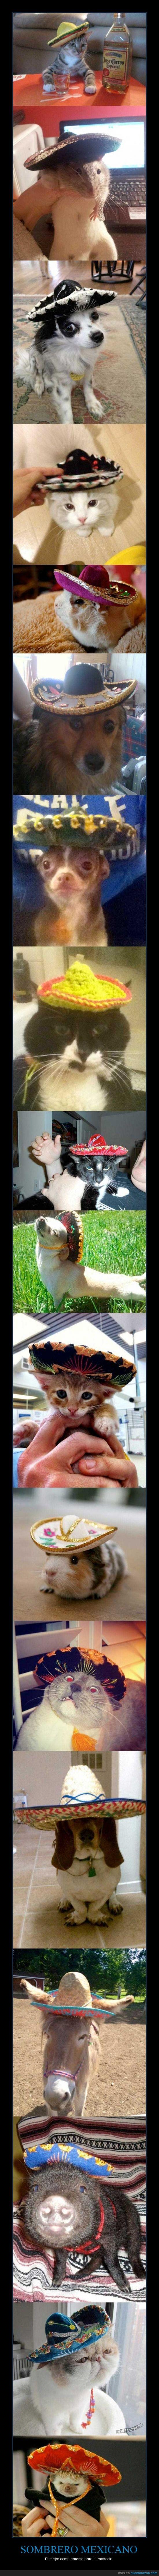 chihuahua,erizo,gato,gorro,mexicano,perro,sombrero